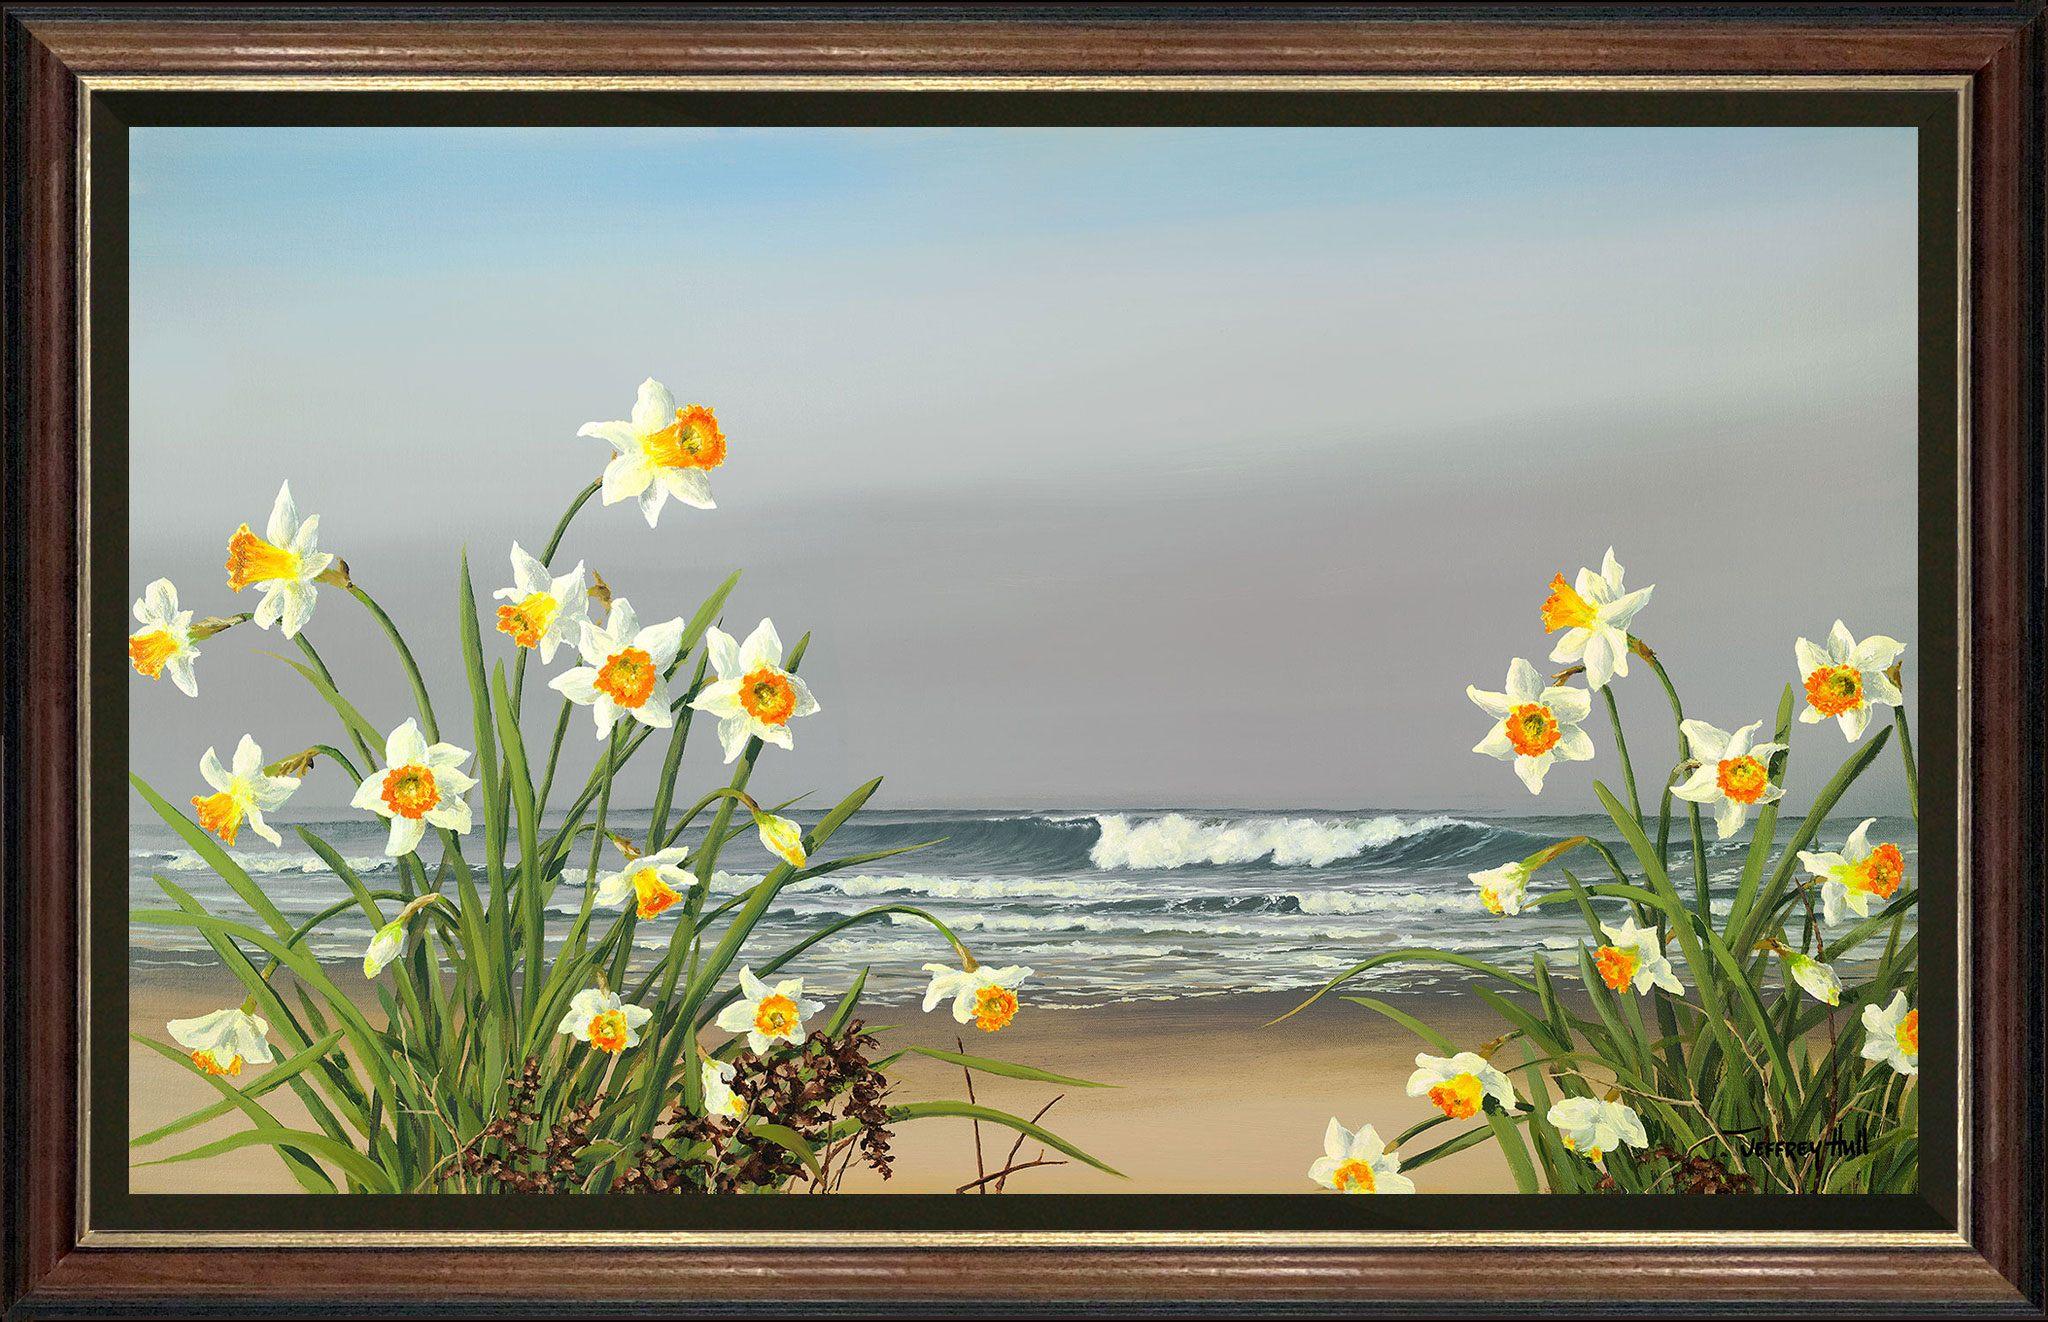 Shoreline-Daffodils-LimEd-Malabar-Black-Liner-4-Website-2021